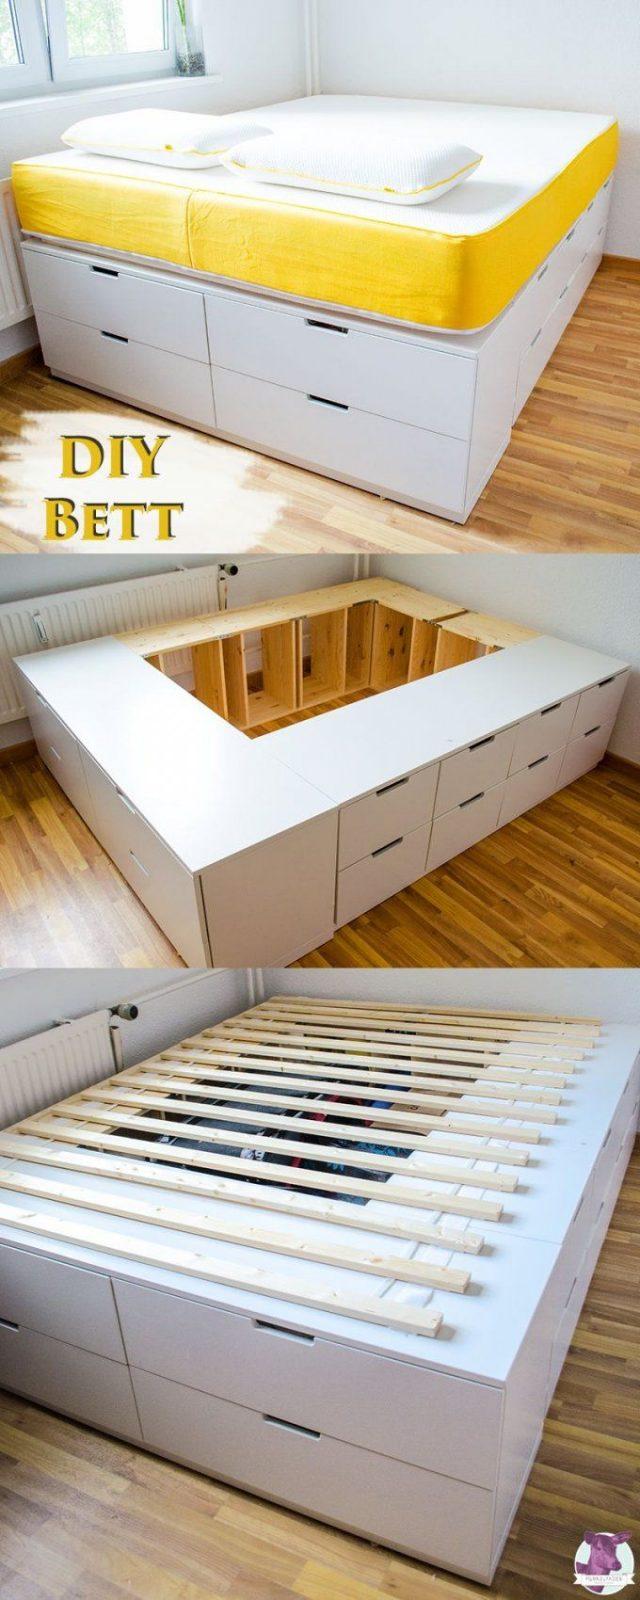 Diy Ikea Hack  Plattformbett Selber Bauen Aus Ikea Kommoden von Schrankbett Selber Bauen Anleitungen Bild